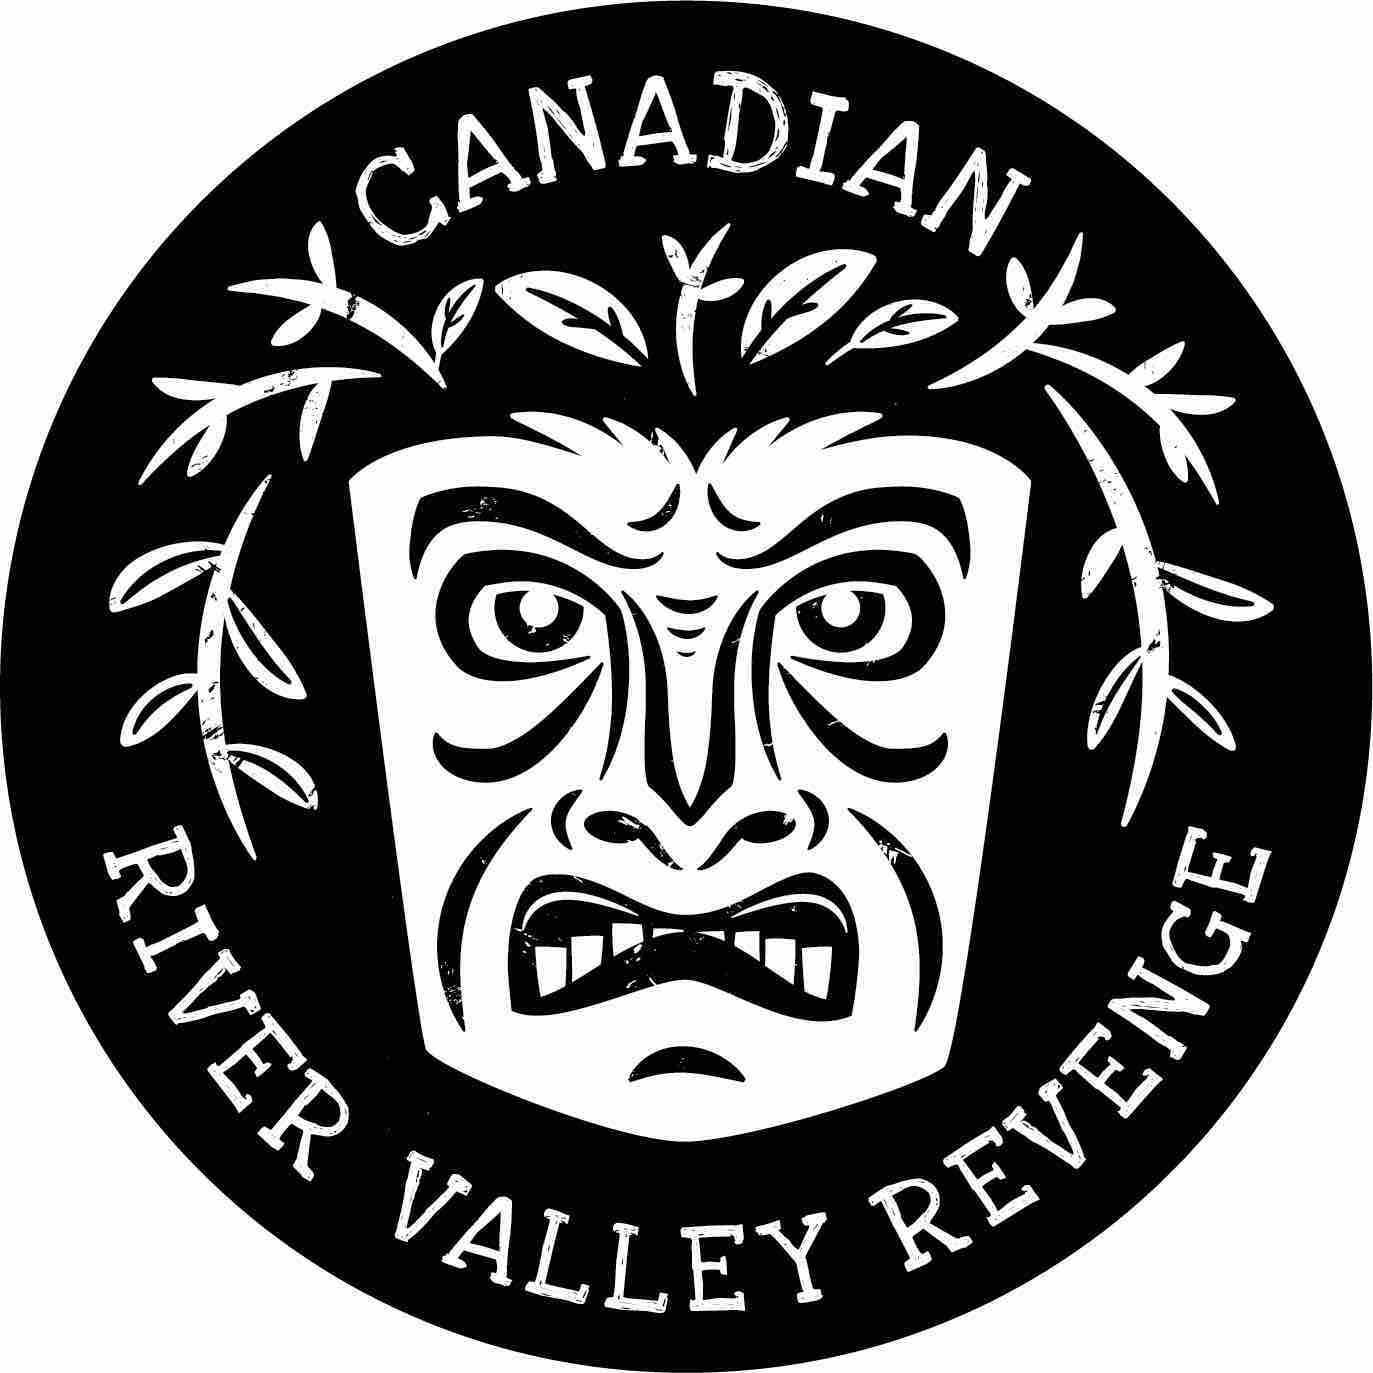 Canadian Winter Revenge